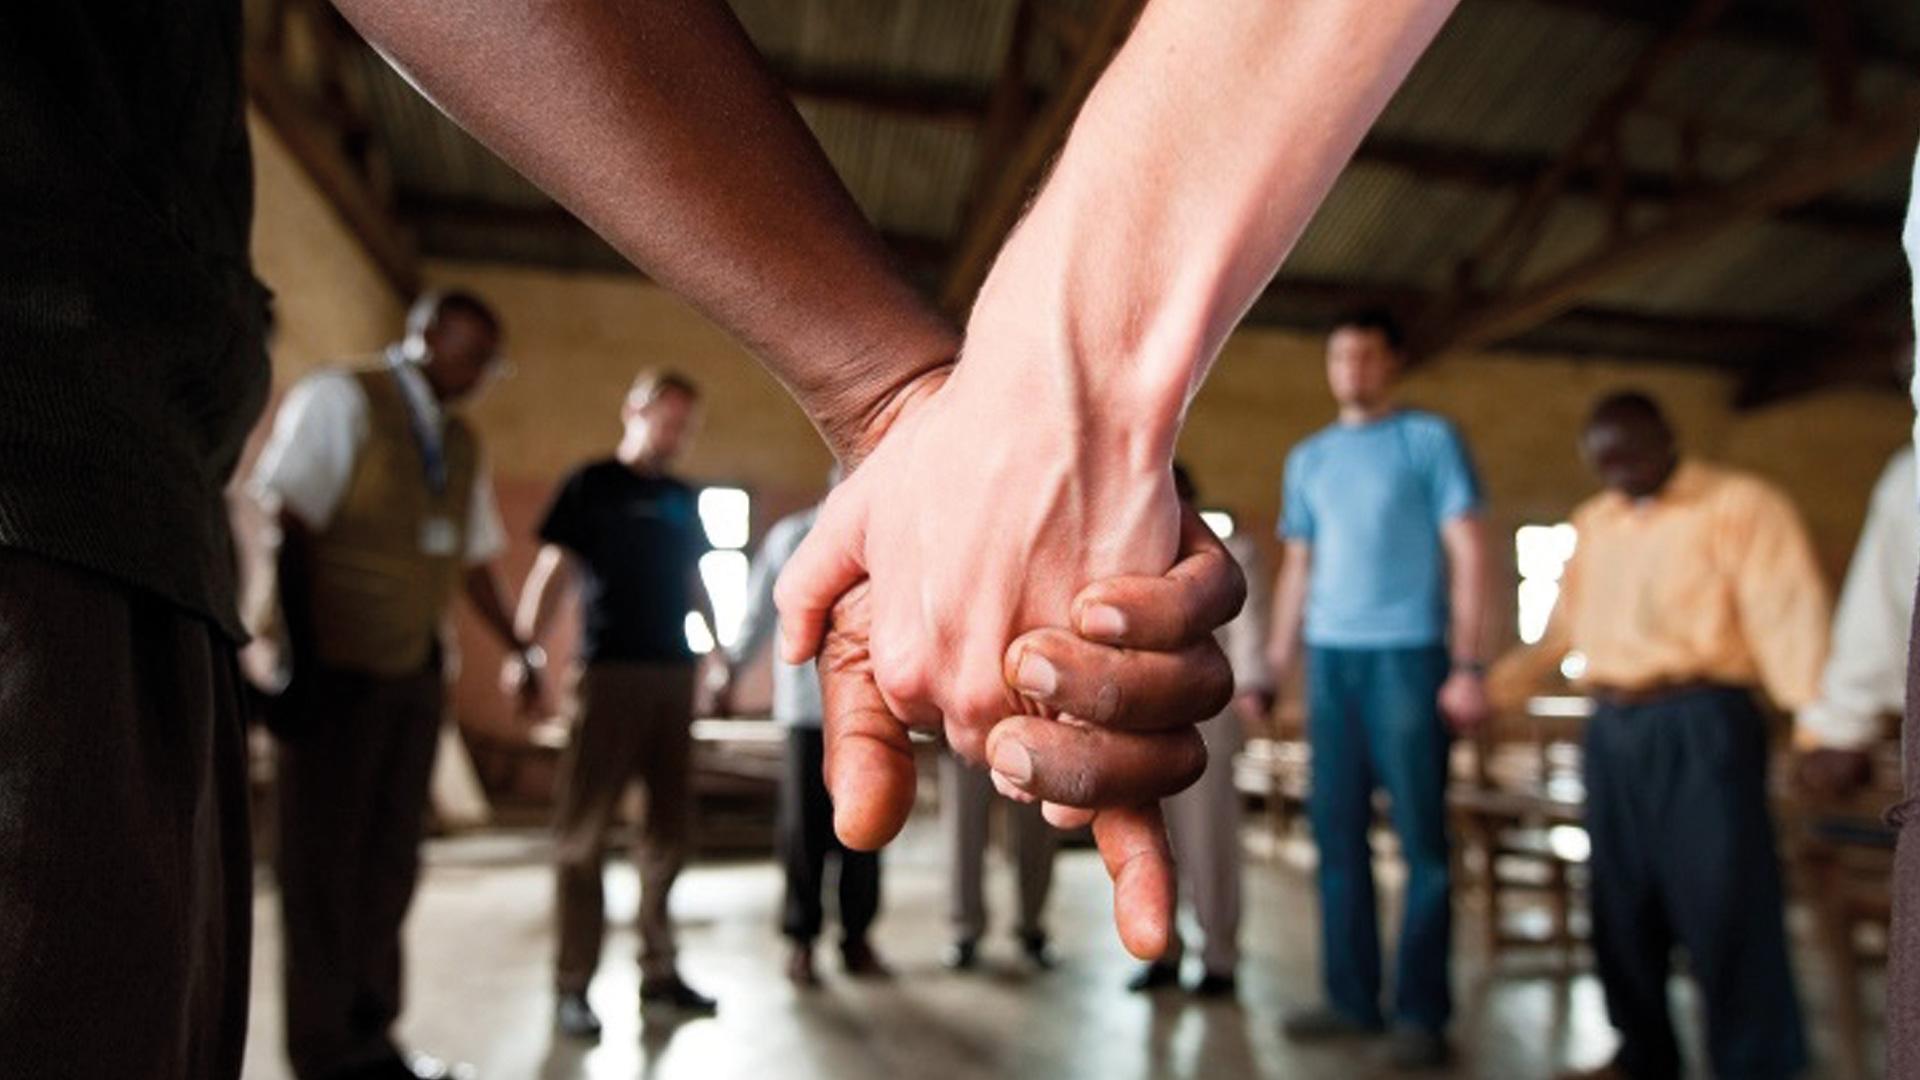 Als Team versuchen wir Versöhnung zu leben und weiterzugeben